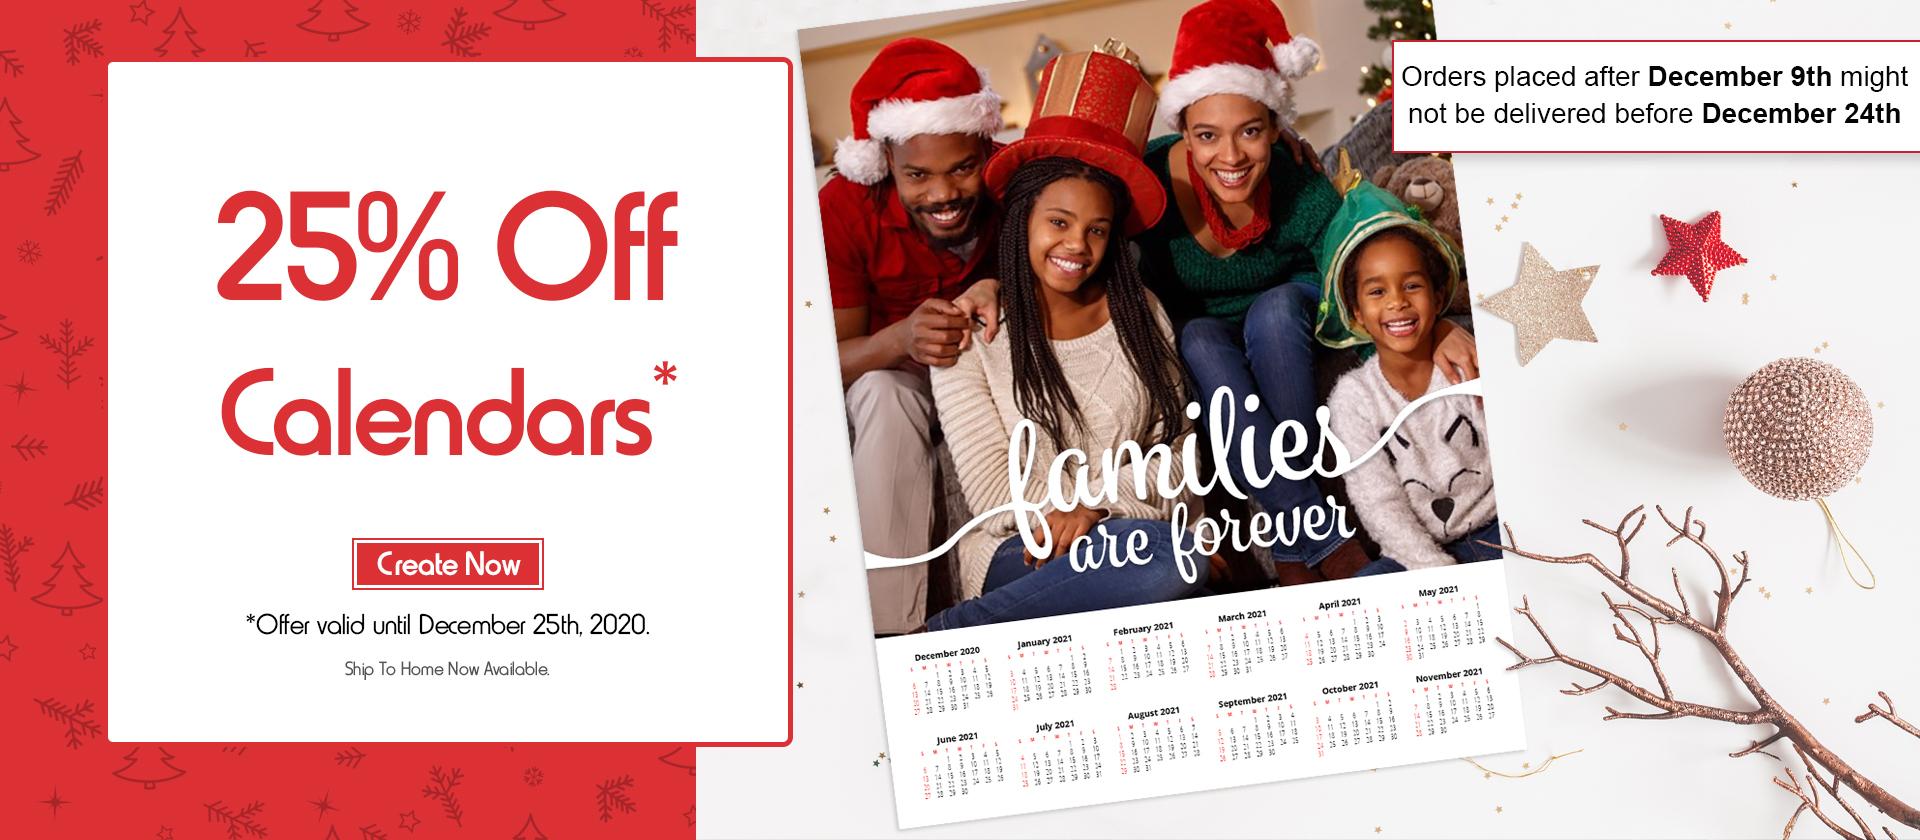 Shoppers Photo Canada regarding Shoppers Photo Calendar